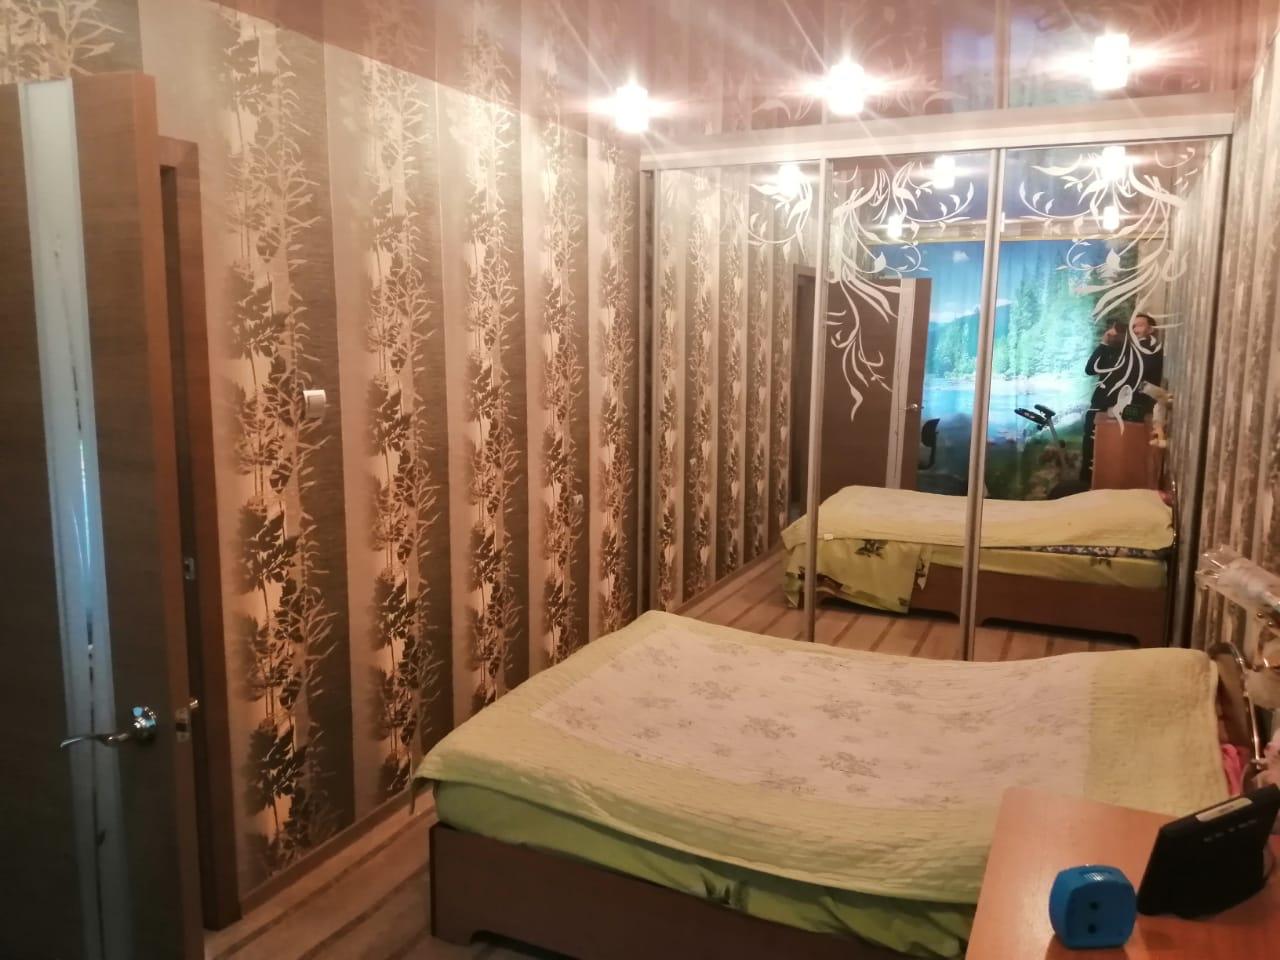 дцп ремонт квартиры в комсомольске на амуре фото алые